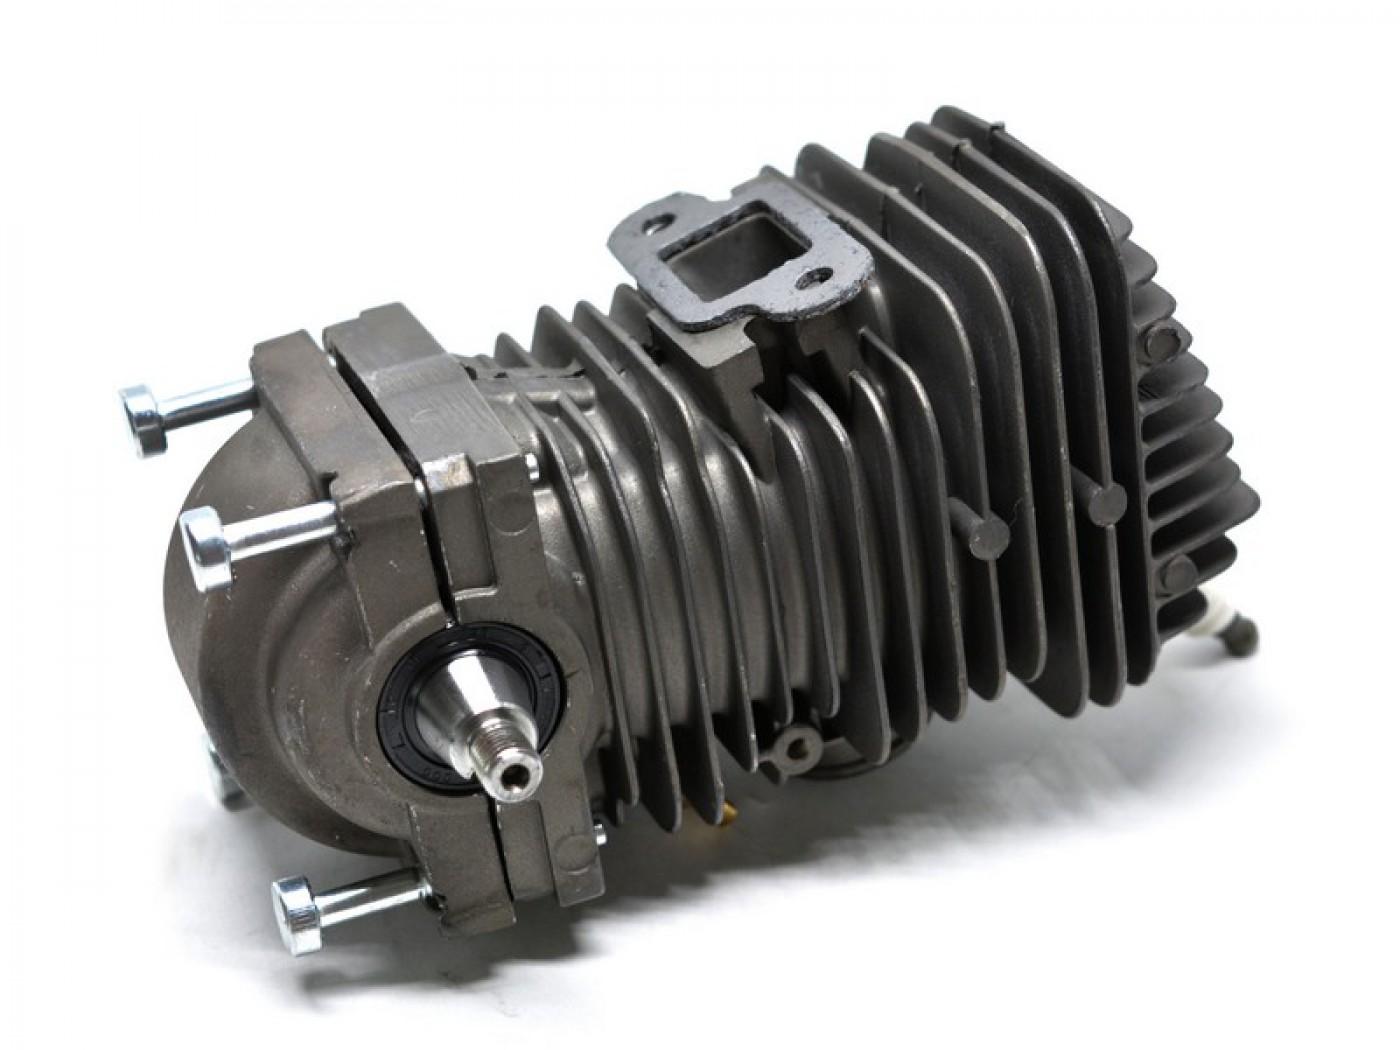 Polomotor Stihl MS230 023 MS 210 021 SUPER AKCE sleva 1300 Kč